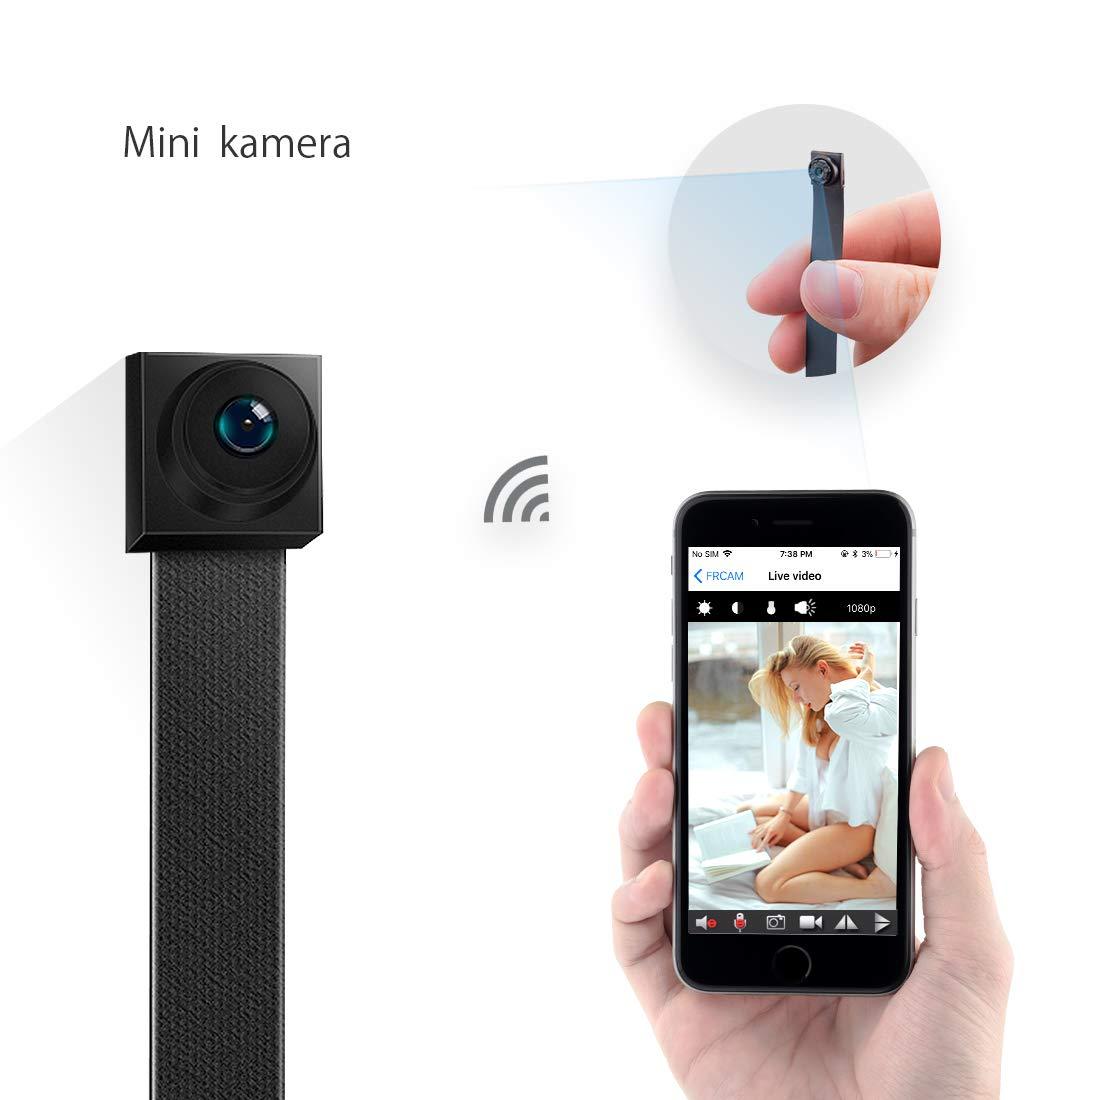 Mini Kamera, FREDI HD 1080P Mini Ü berwachungskamera Tragbare WLAN WiFi Netzwerk knopfkamera IP Kleine Kamera Bluetooth P2P Drathlos mit Bewegungsmelder/Mikrofon/Videoaufzeichnung/mit Handy ü bertragung